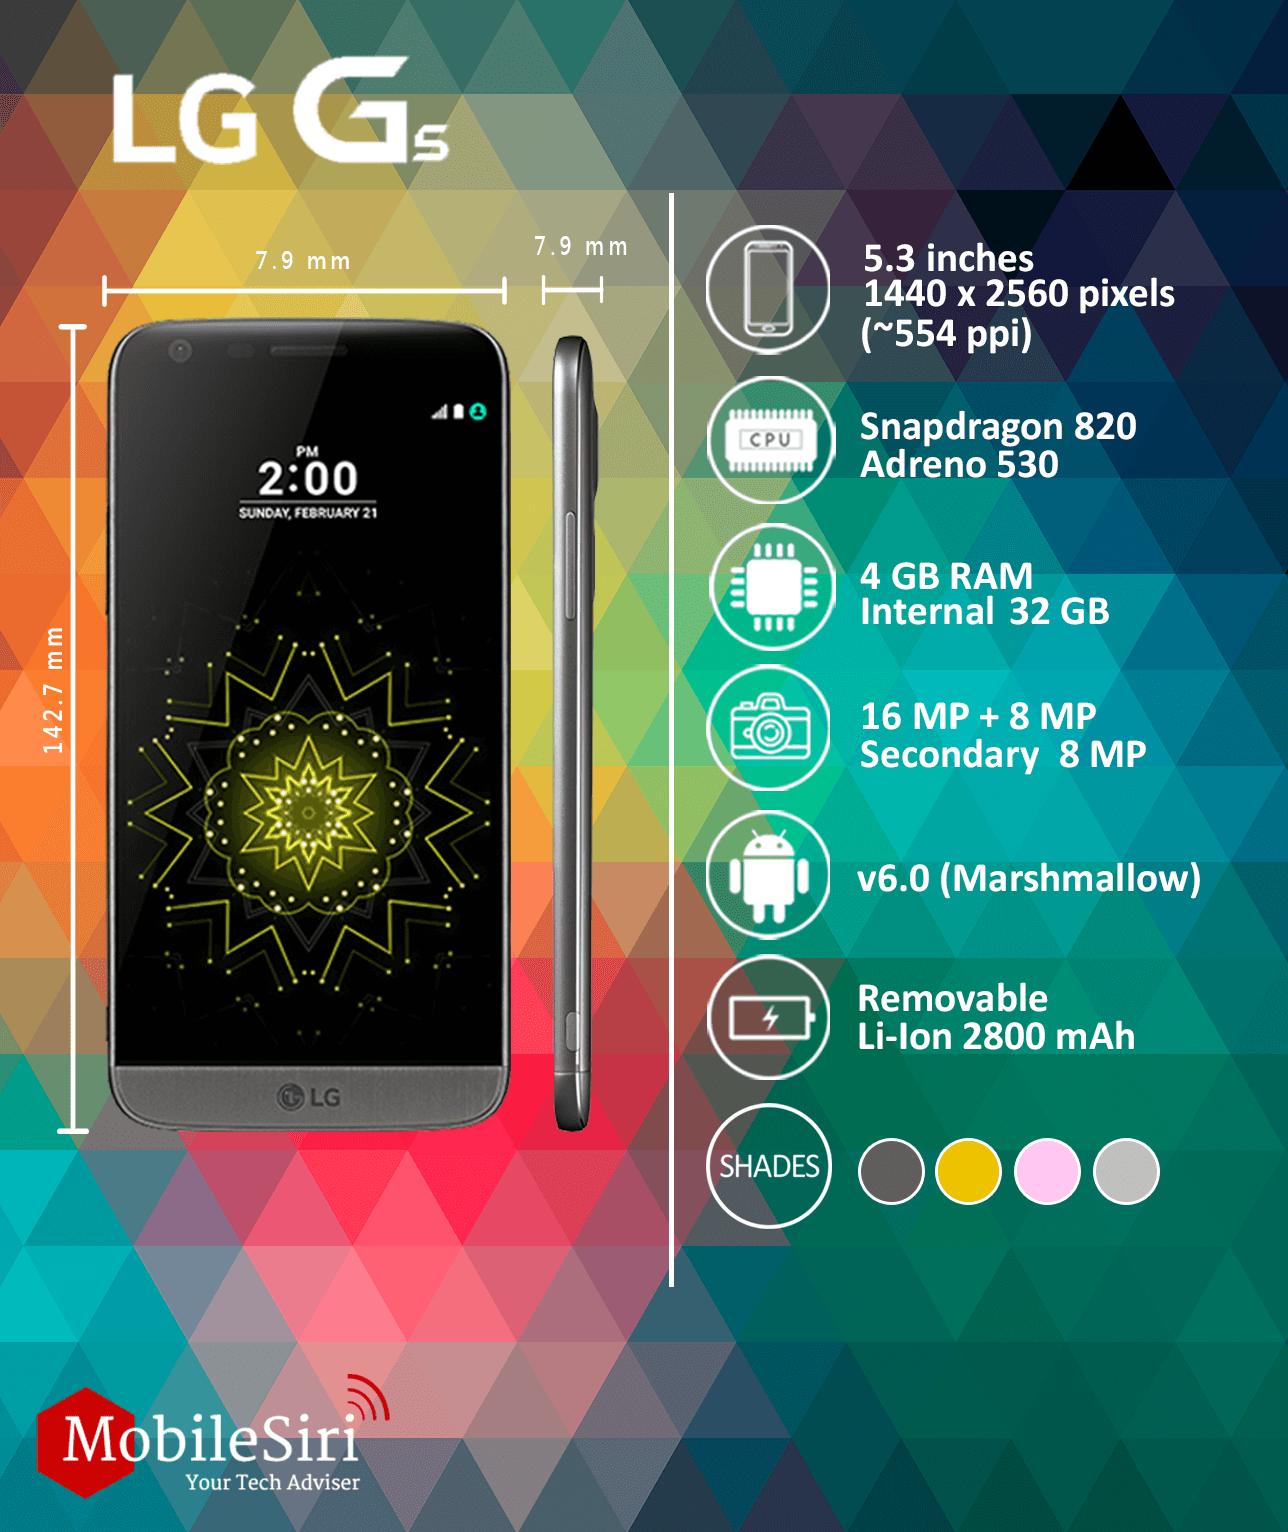 LG G5 mobilesiri mwc 2016